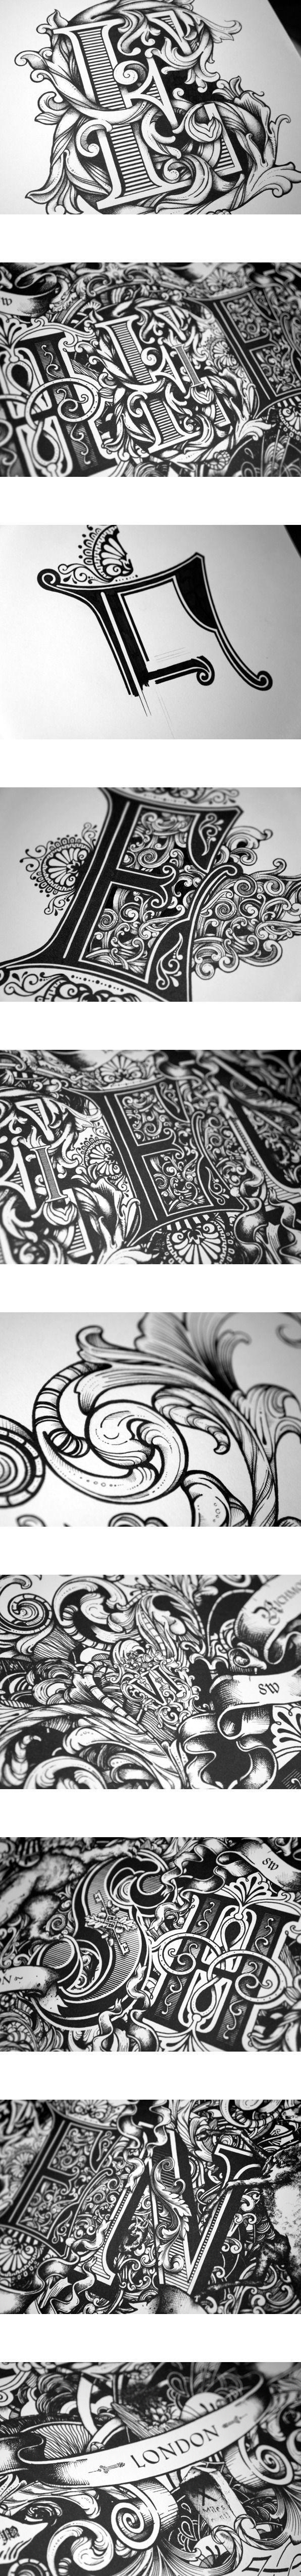 Typographie.